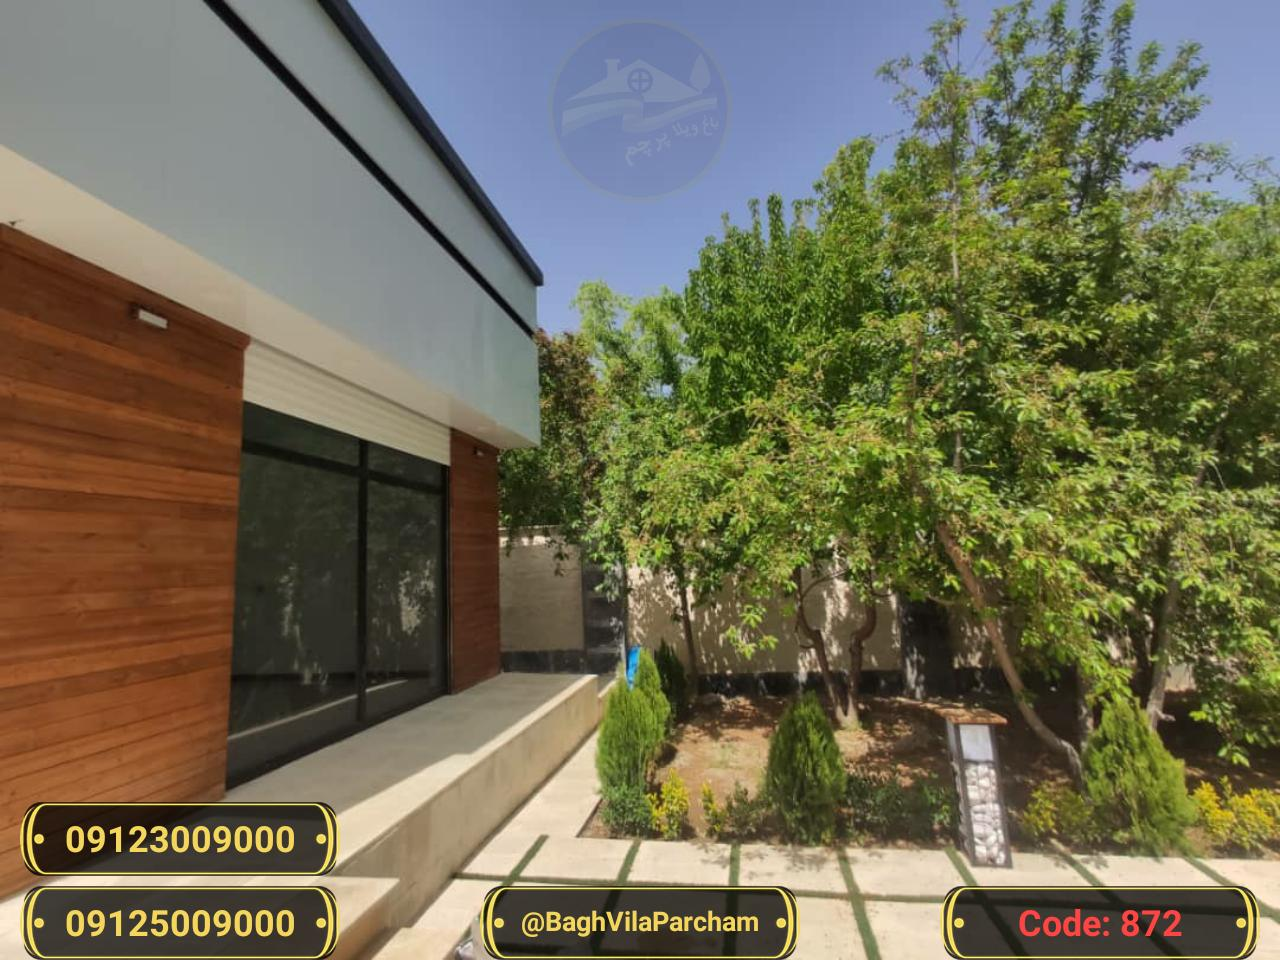 تصویر عکس باغ ویلا شماره 9 از ویلای ۵۰۰ متر ویلا مدرن Picture photo image 9 of ۵۰۰ متر ویلا مدرن